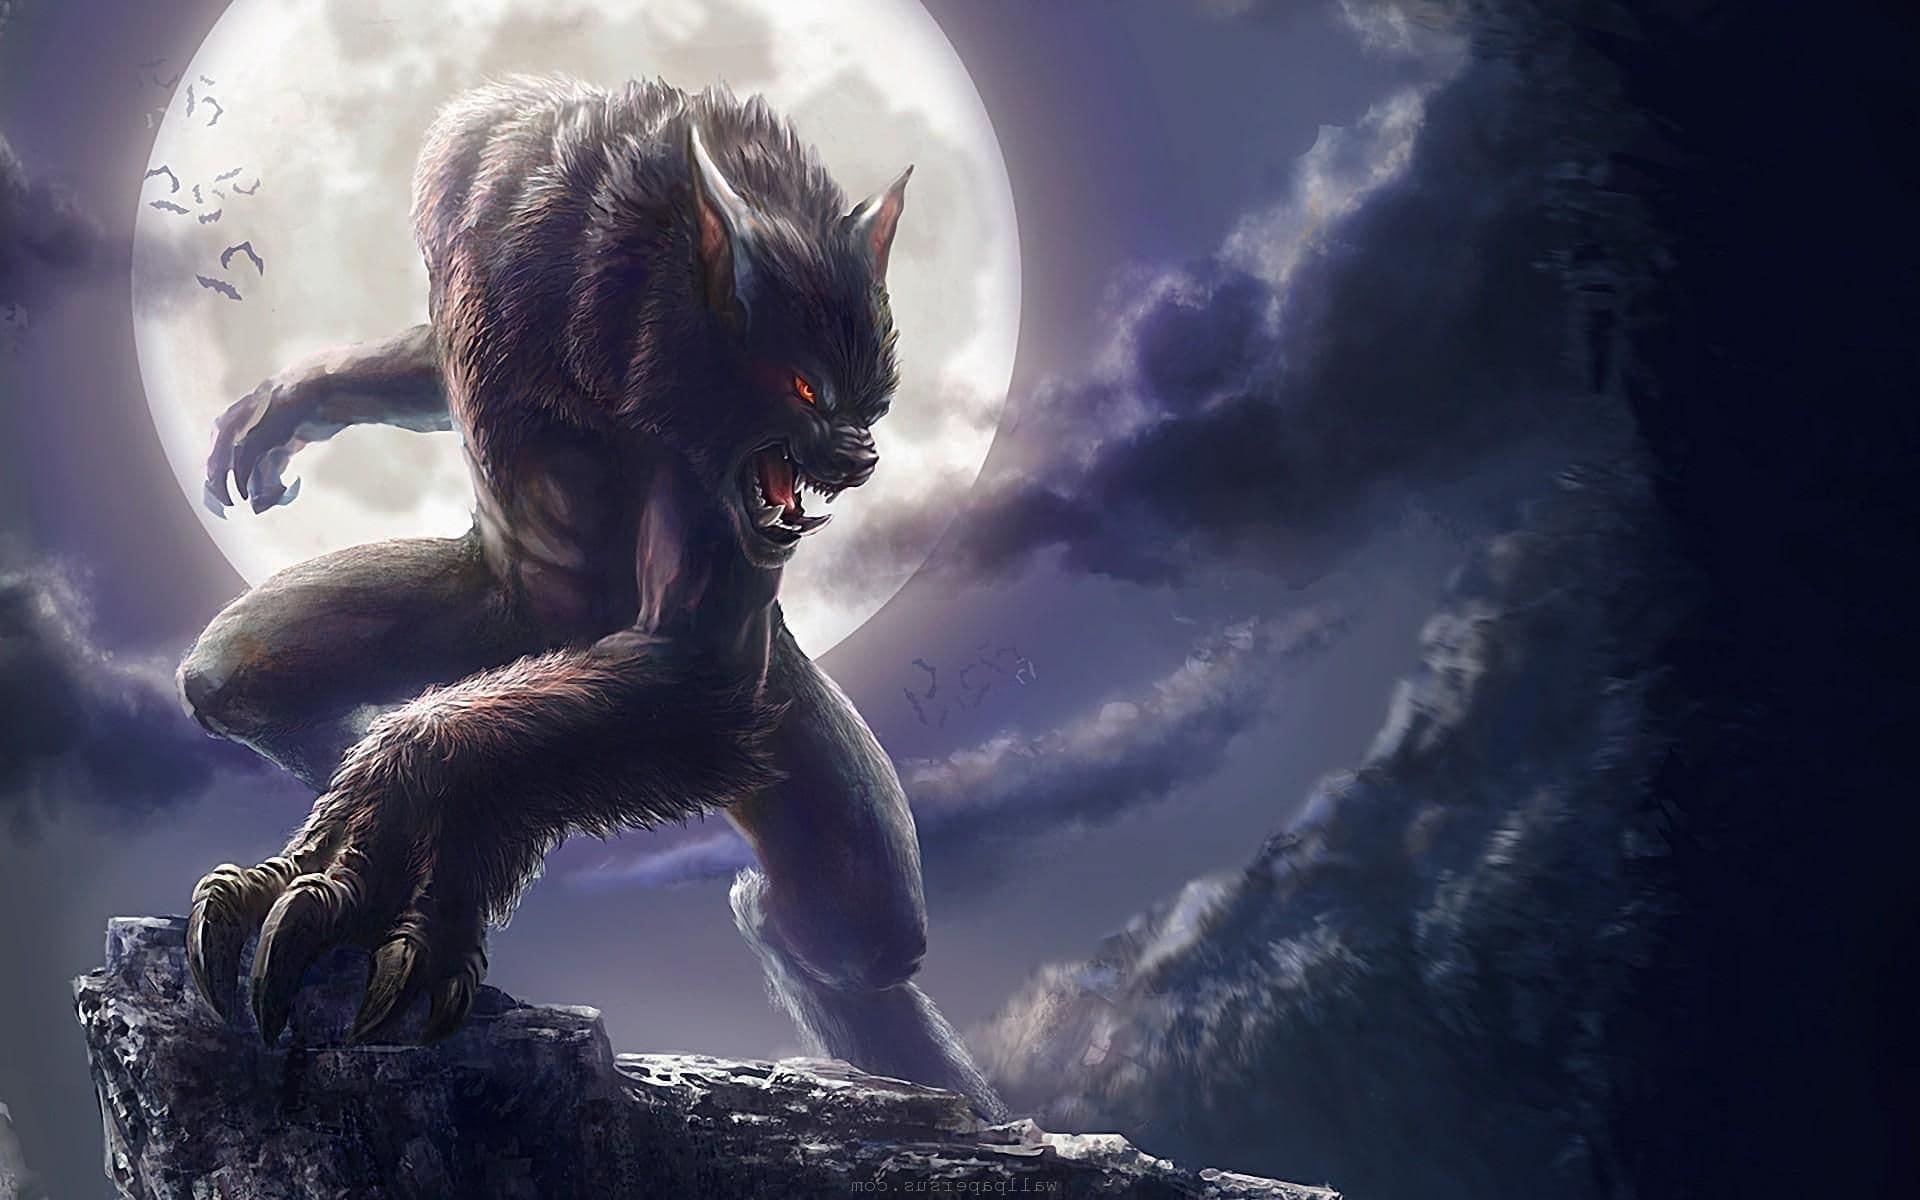 werewolf dream meaning, dream about werewolf, werewolf dream interpretation, seeing in a dream werewolf